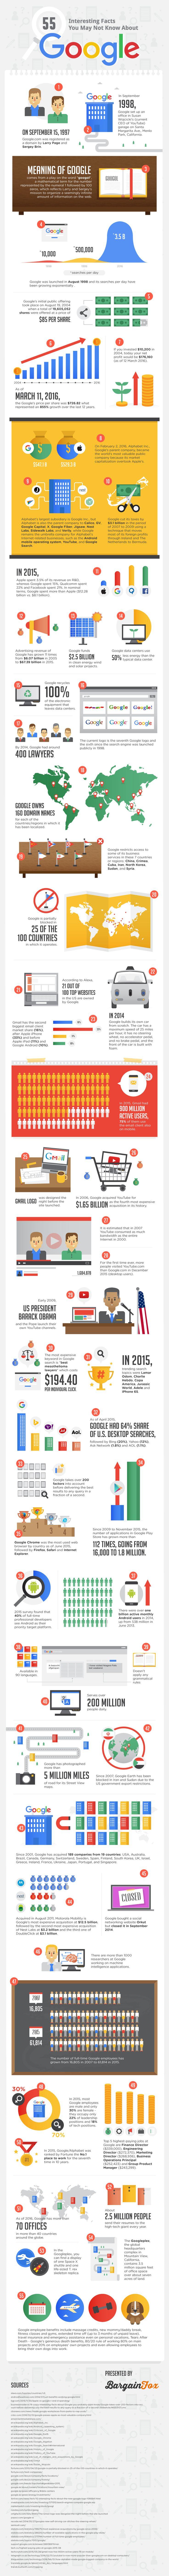 Infographie : 55 infos à savoir sur Google - Actualité Abondance